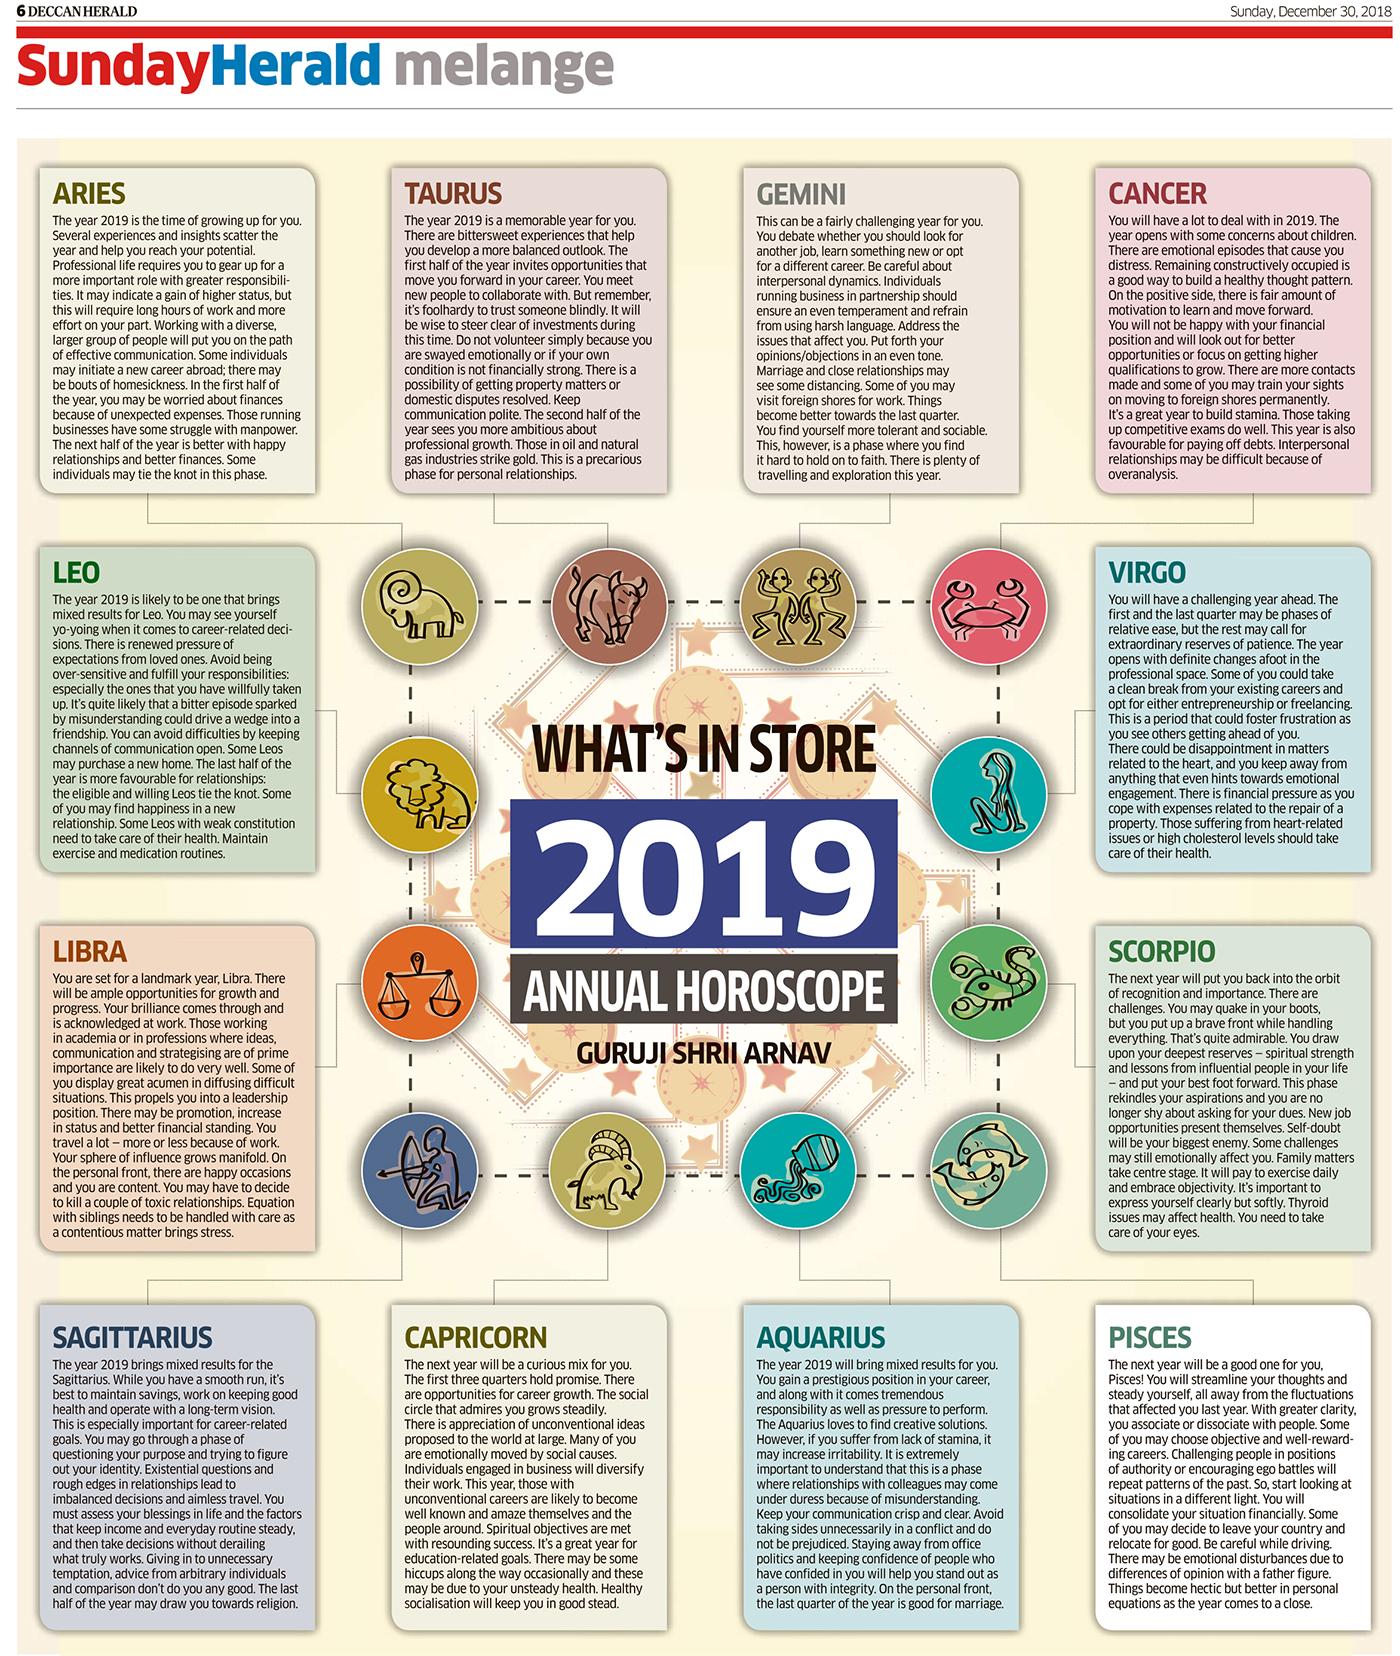 Your Annual Horoscope 2019 by Guruji Shrii Arnav